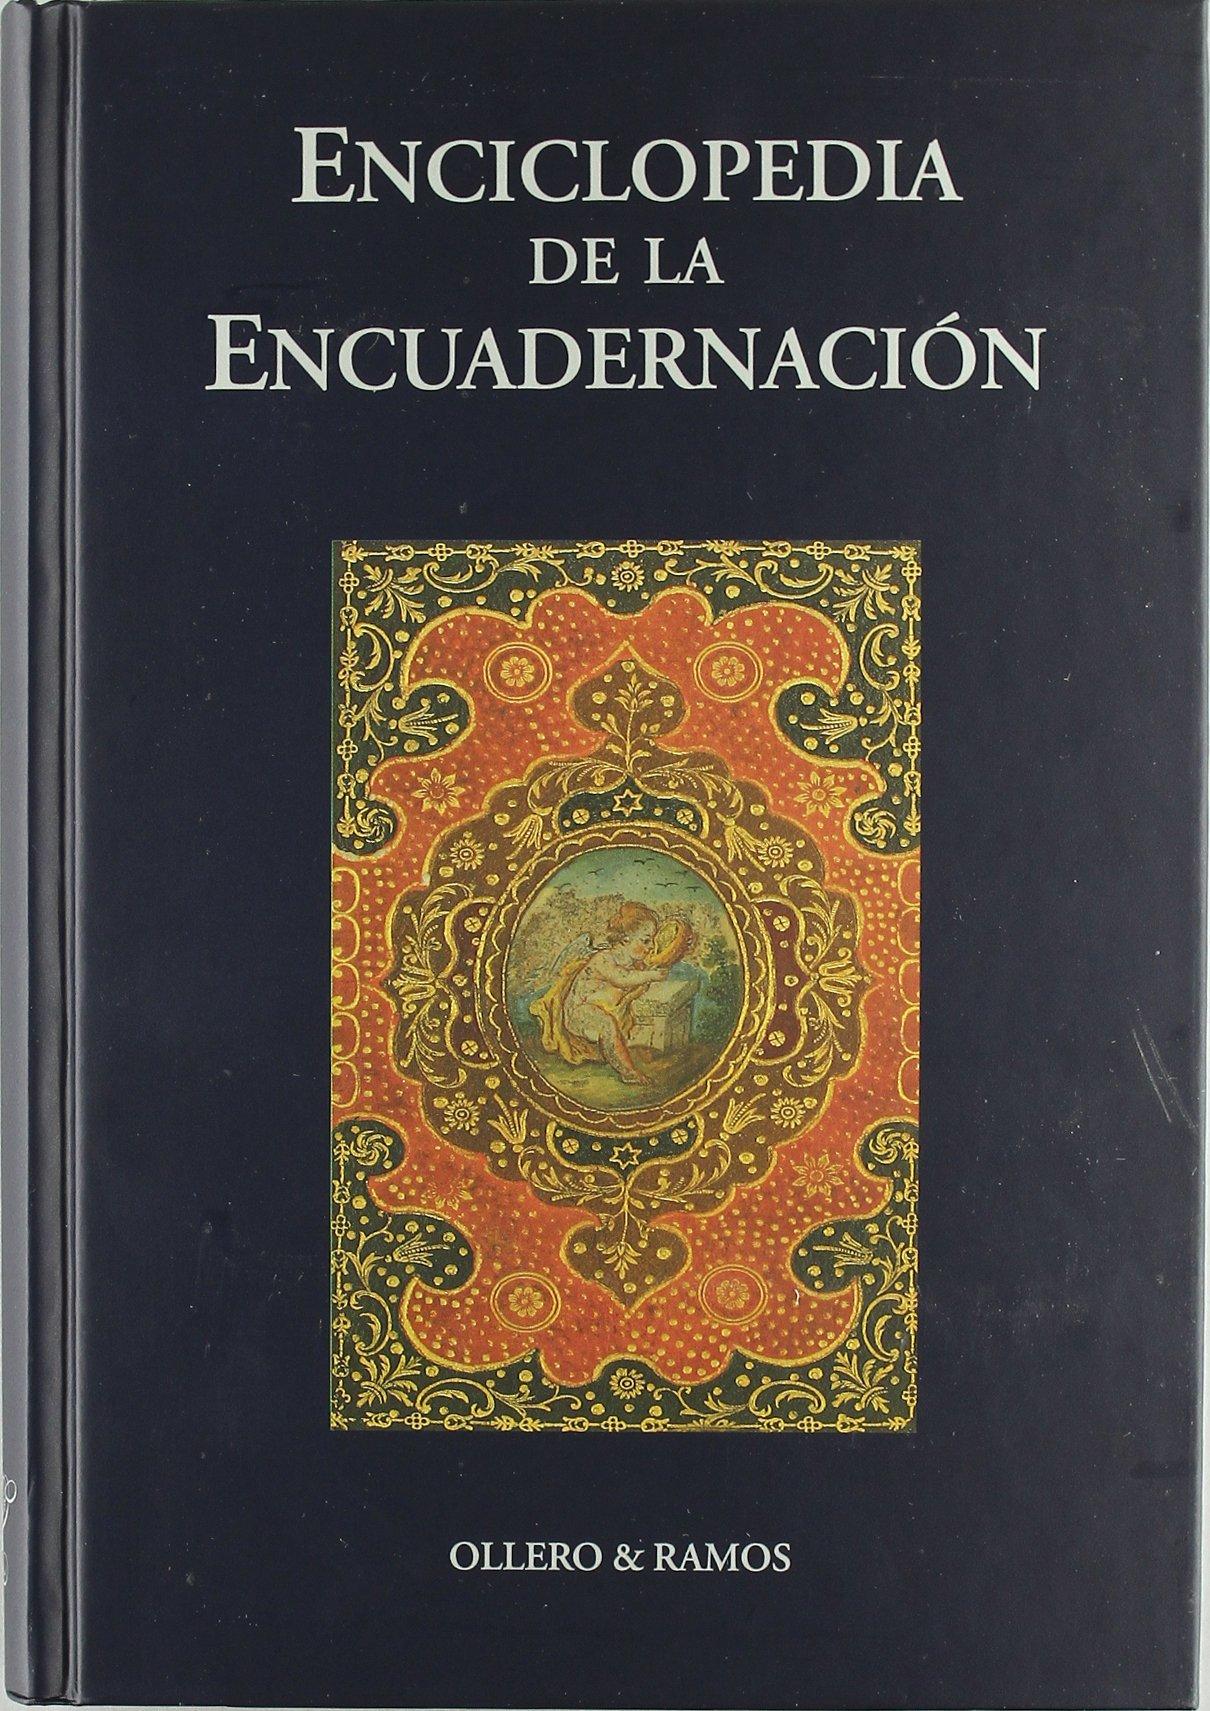 Enciclopedia de la encuadernación: Amazon.es: Bermejo, Bonifacio: Libros